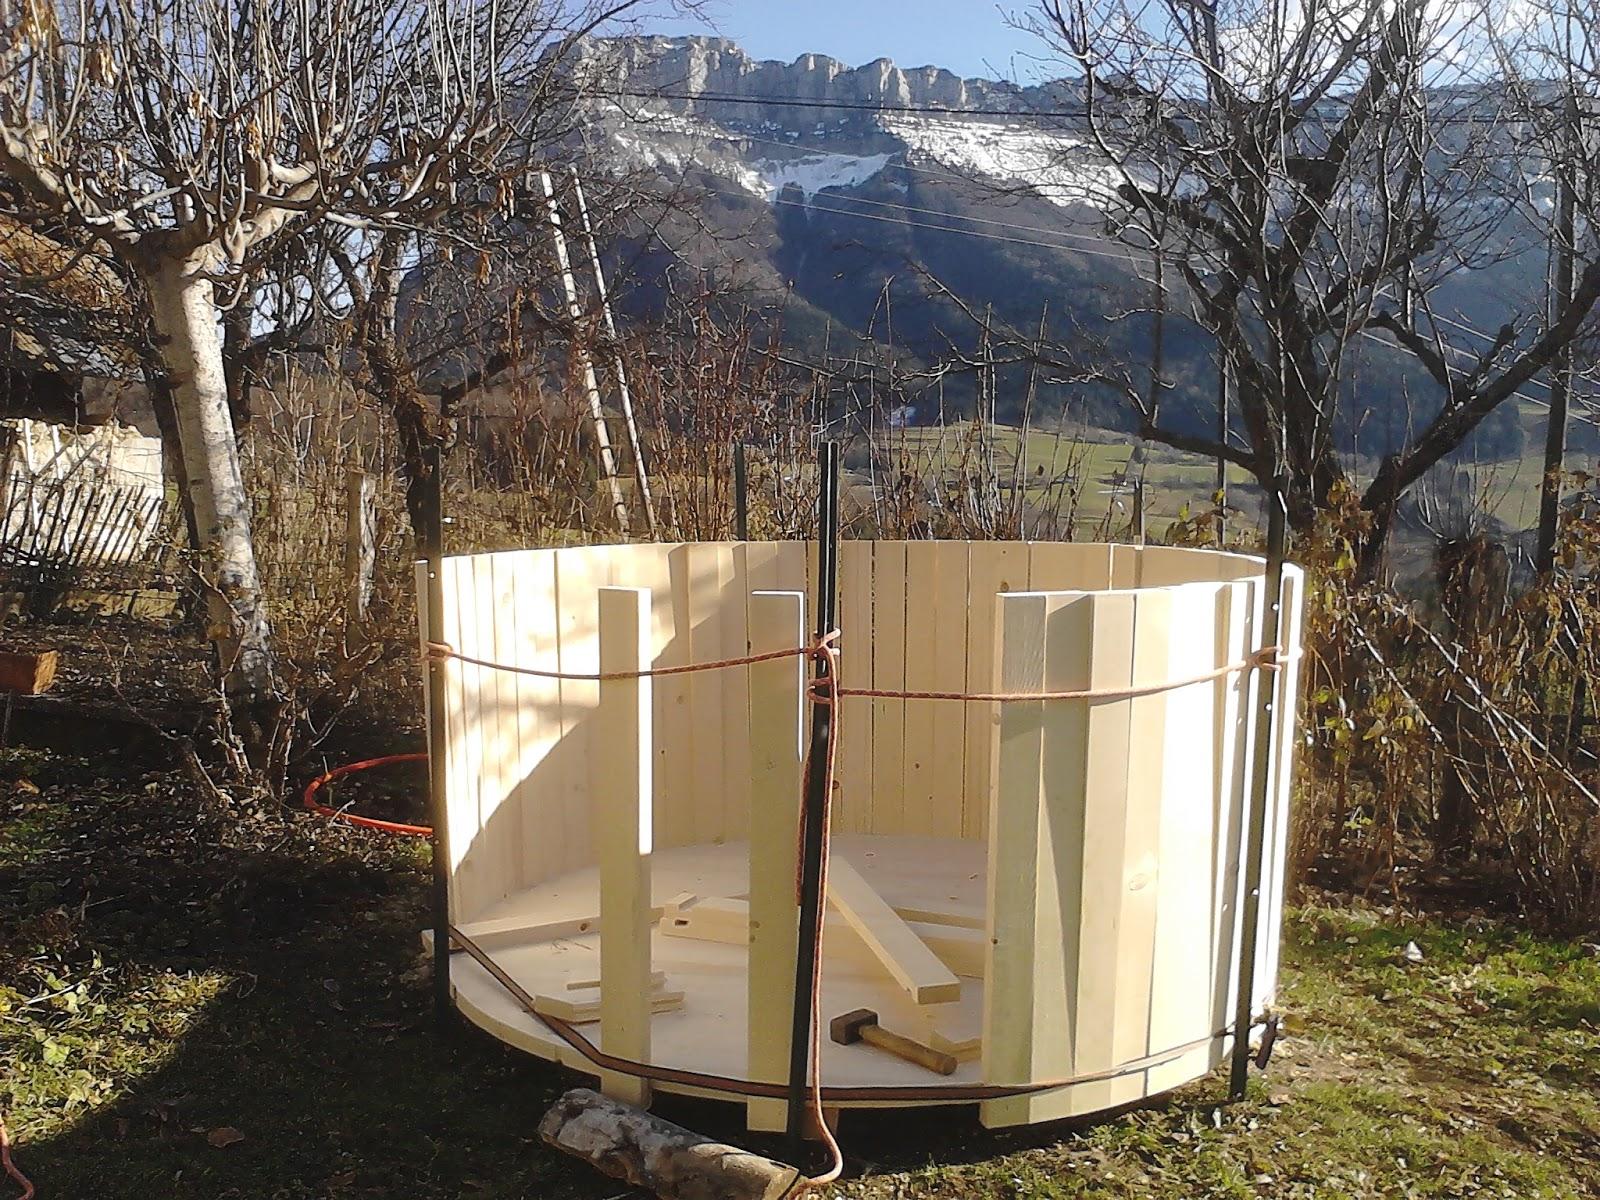 En chartreuse fabrication d 39 un bain nordique au gite l 39 cole - Fabriquer bain nordique ...